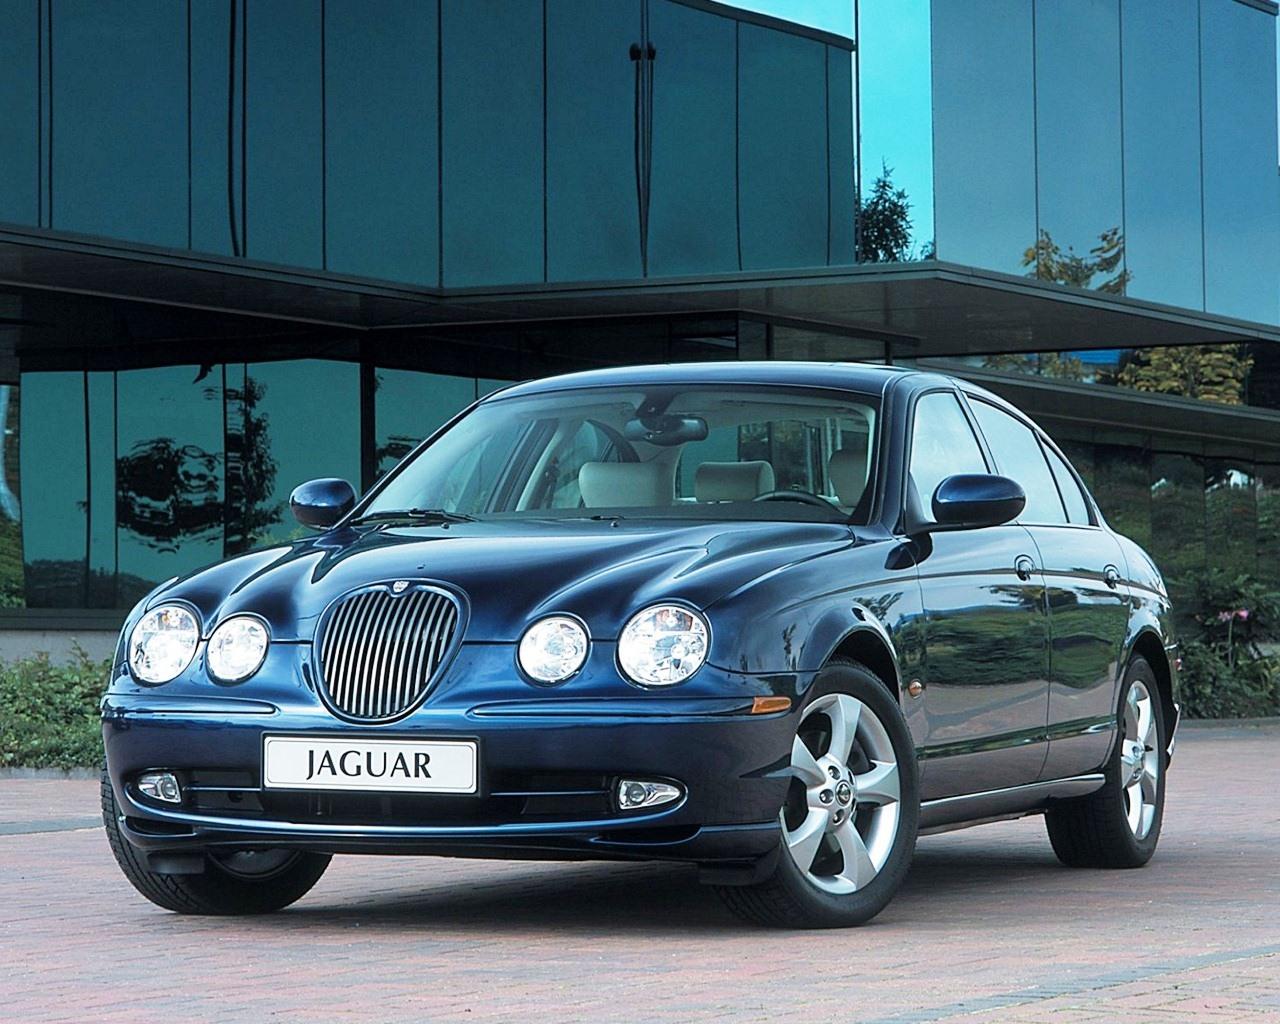 jaguar car wallpaper hd - photo #38